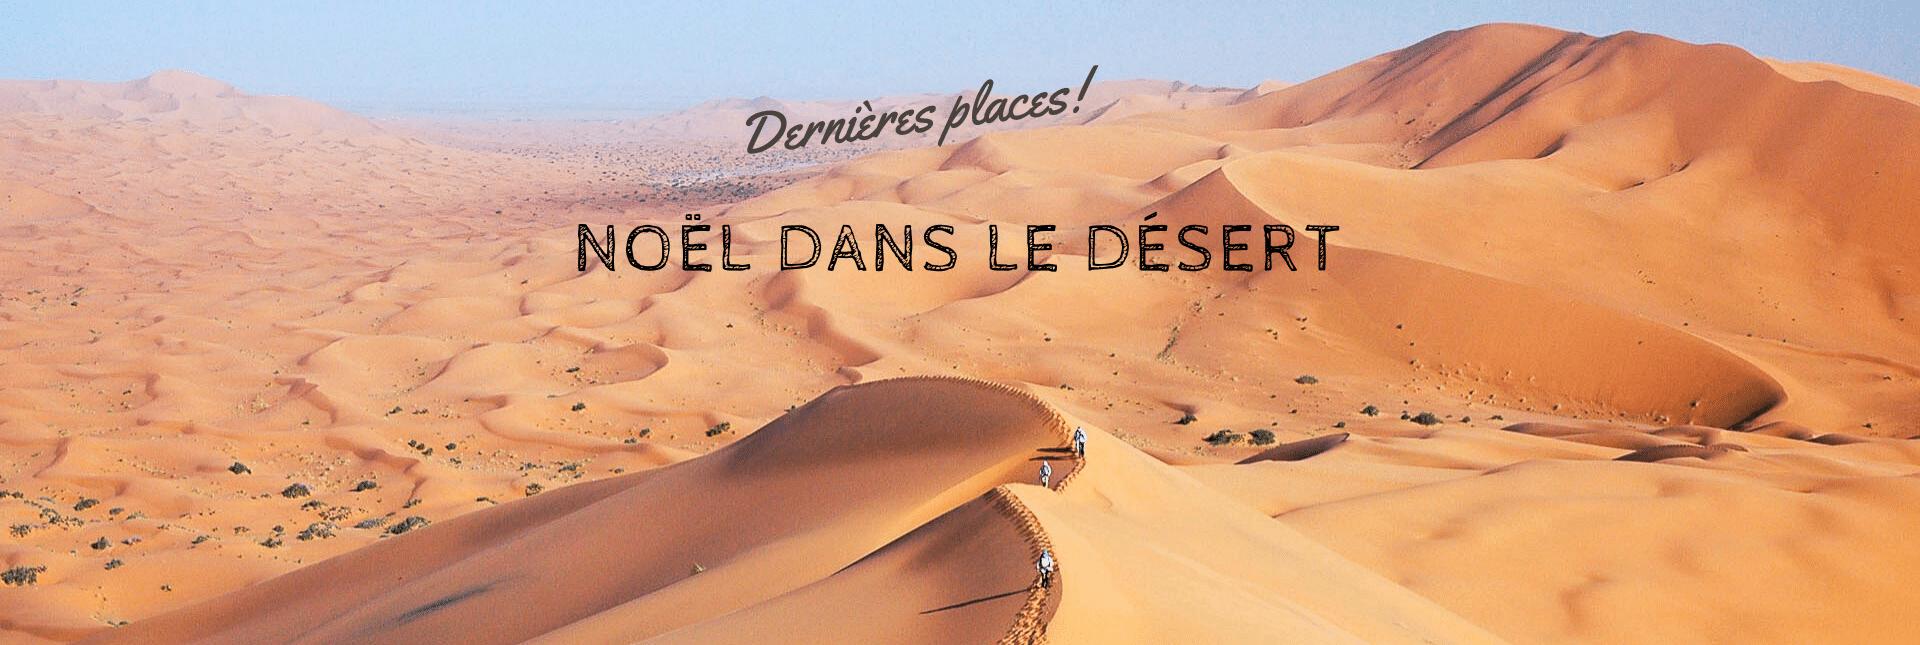 Header Noël dans le Désert en mauritanie